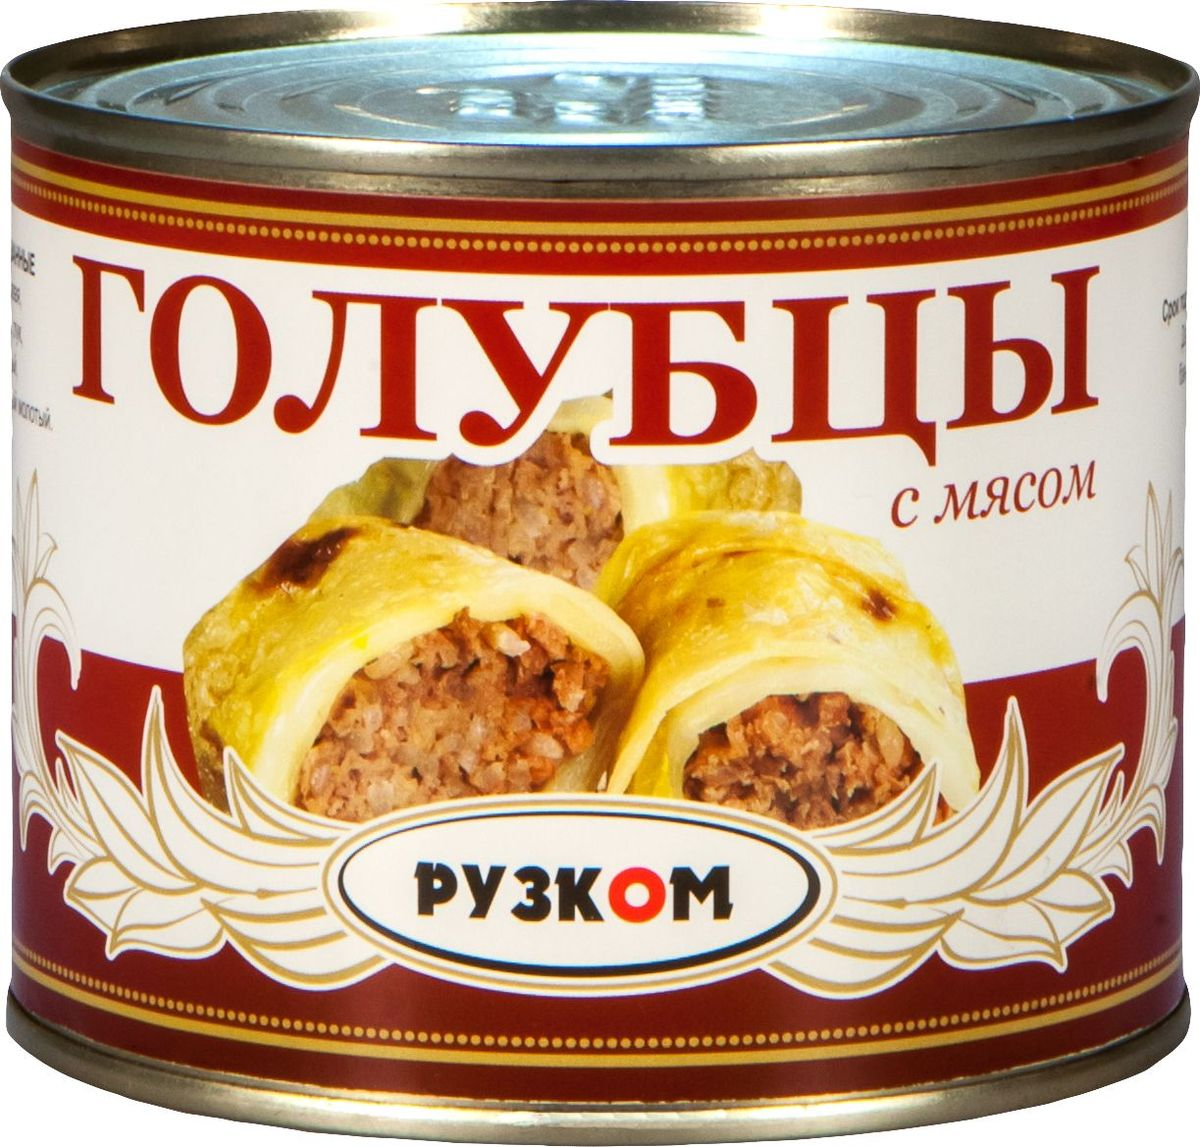 Рузком голубцы с мясом, 540 г4606411010315Голубцы с мясом. Продукт готов к употреблению.